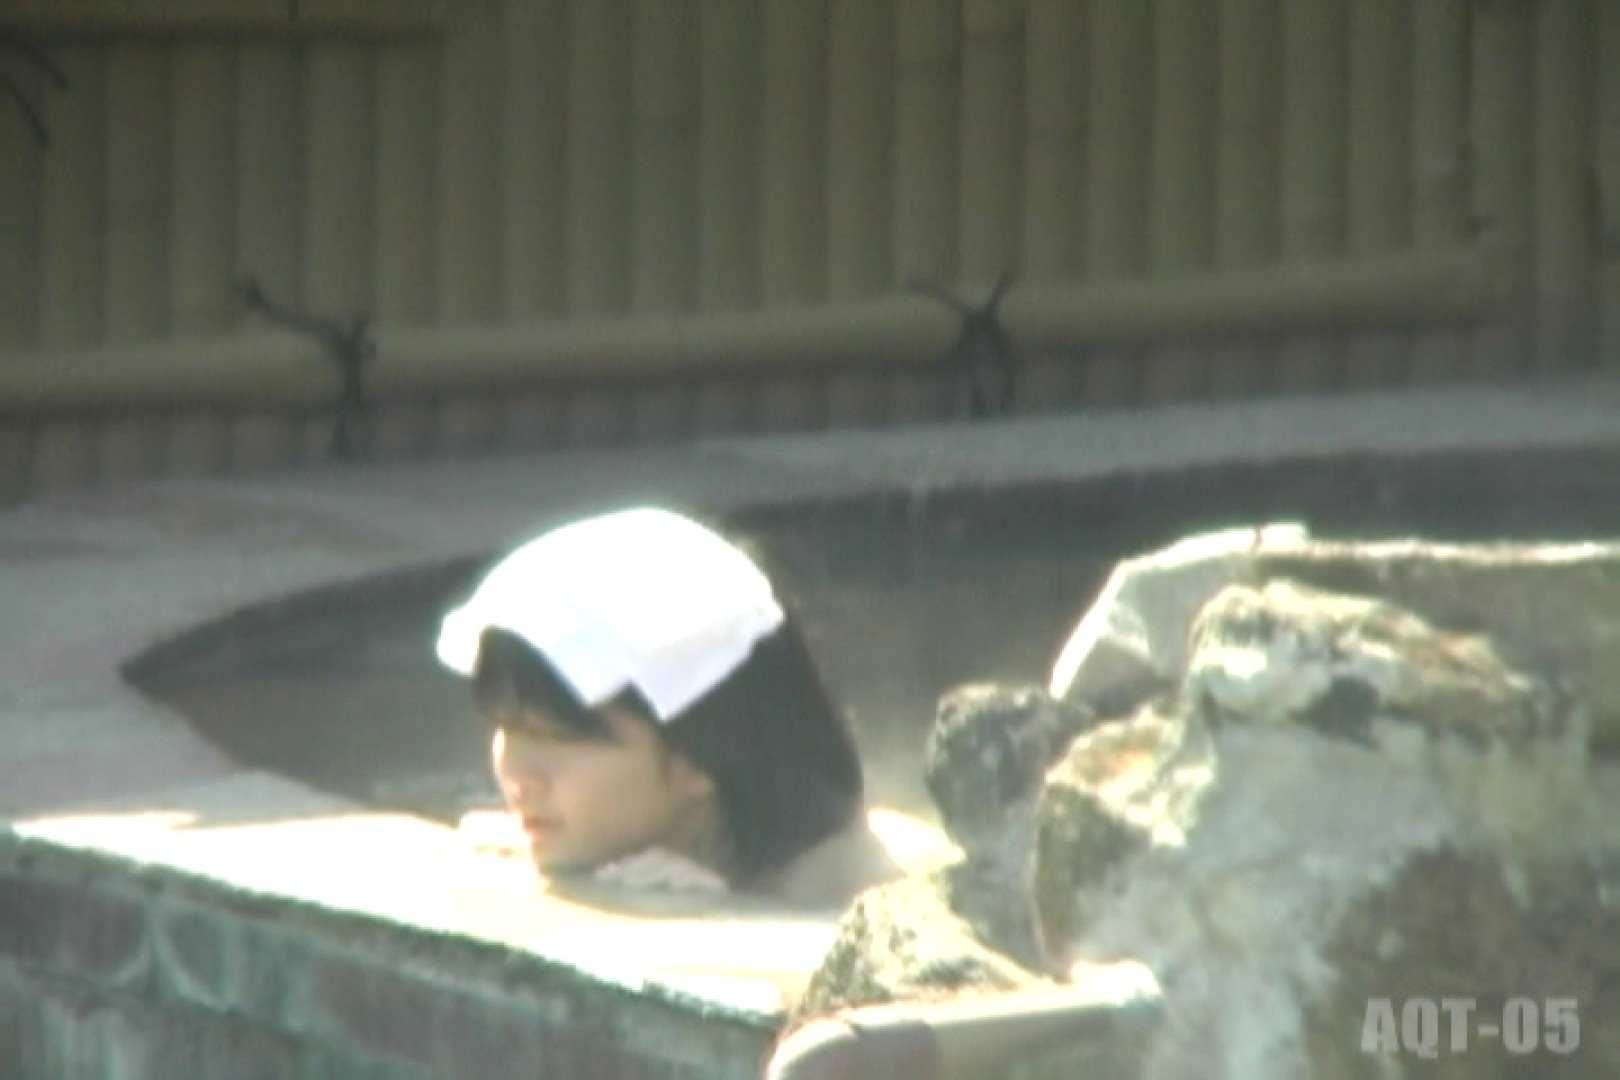 Aquaな露天風呂Vol.751 OLのエロ生活  31連発 12